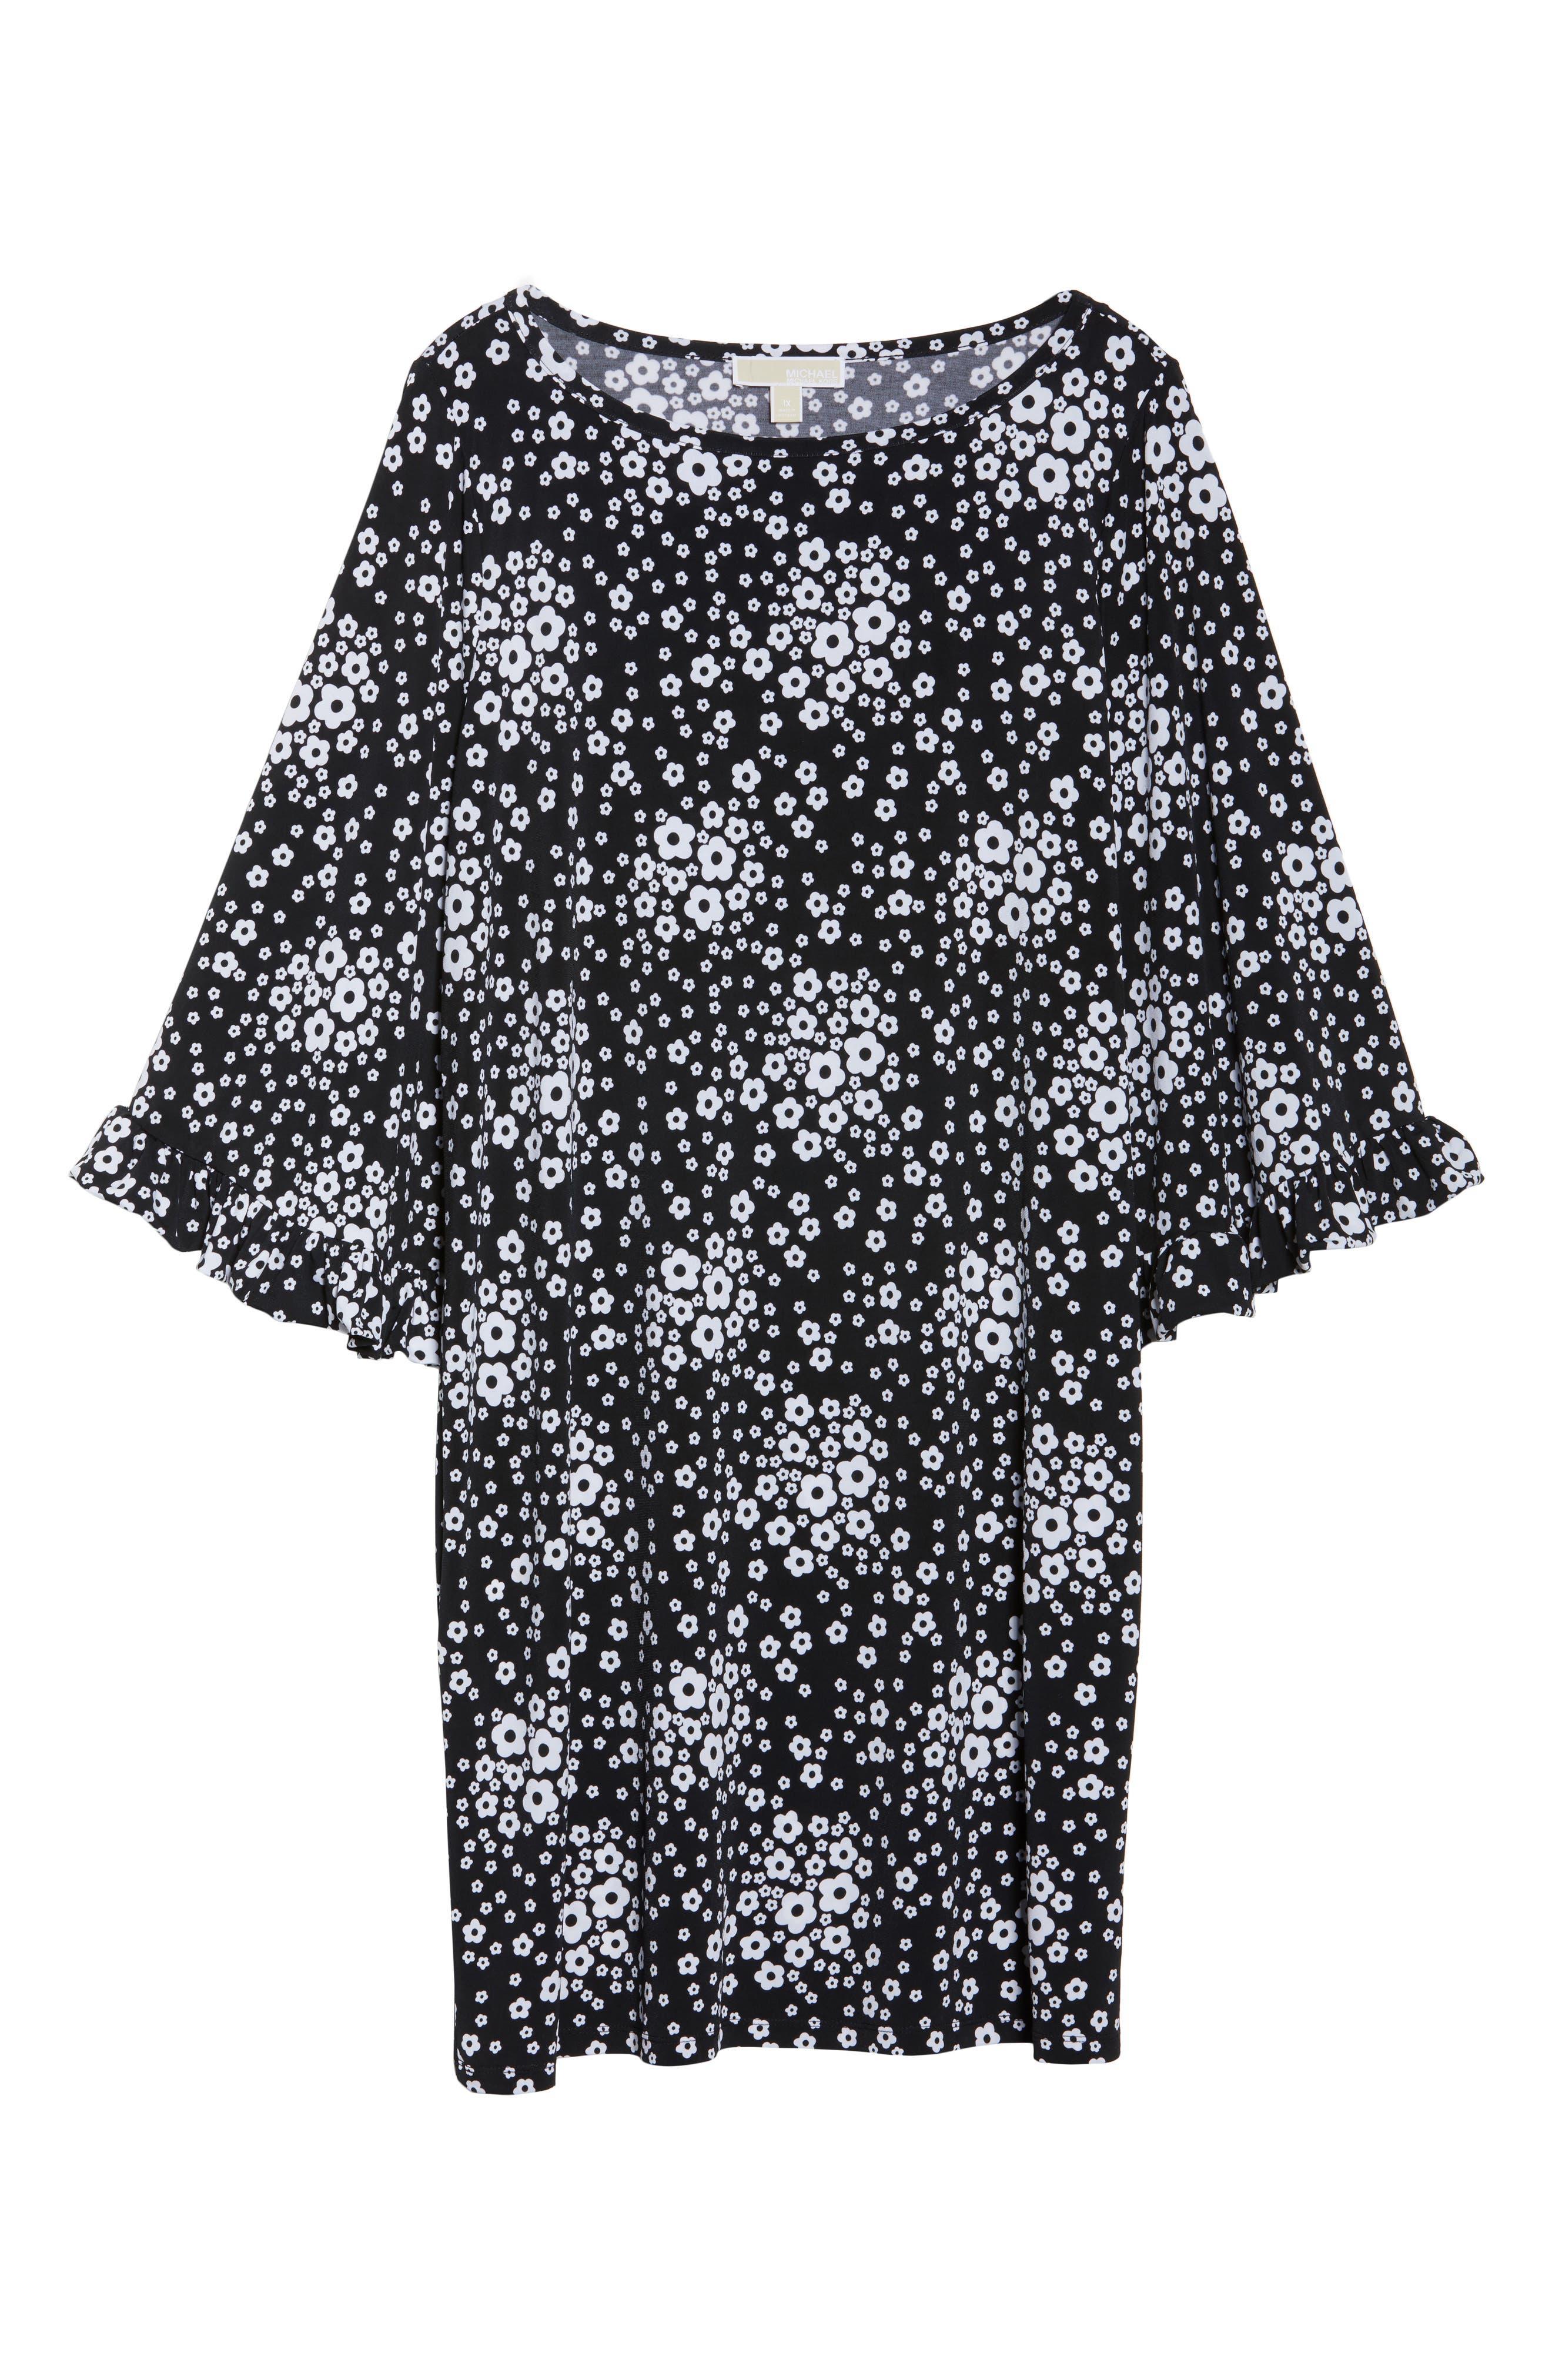 Mod Floral Flutter Sleeve Dress,                             Alternate thumbnail 6, color,                             018